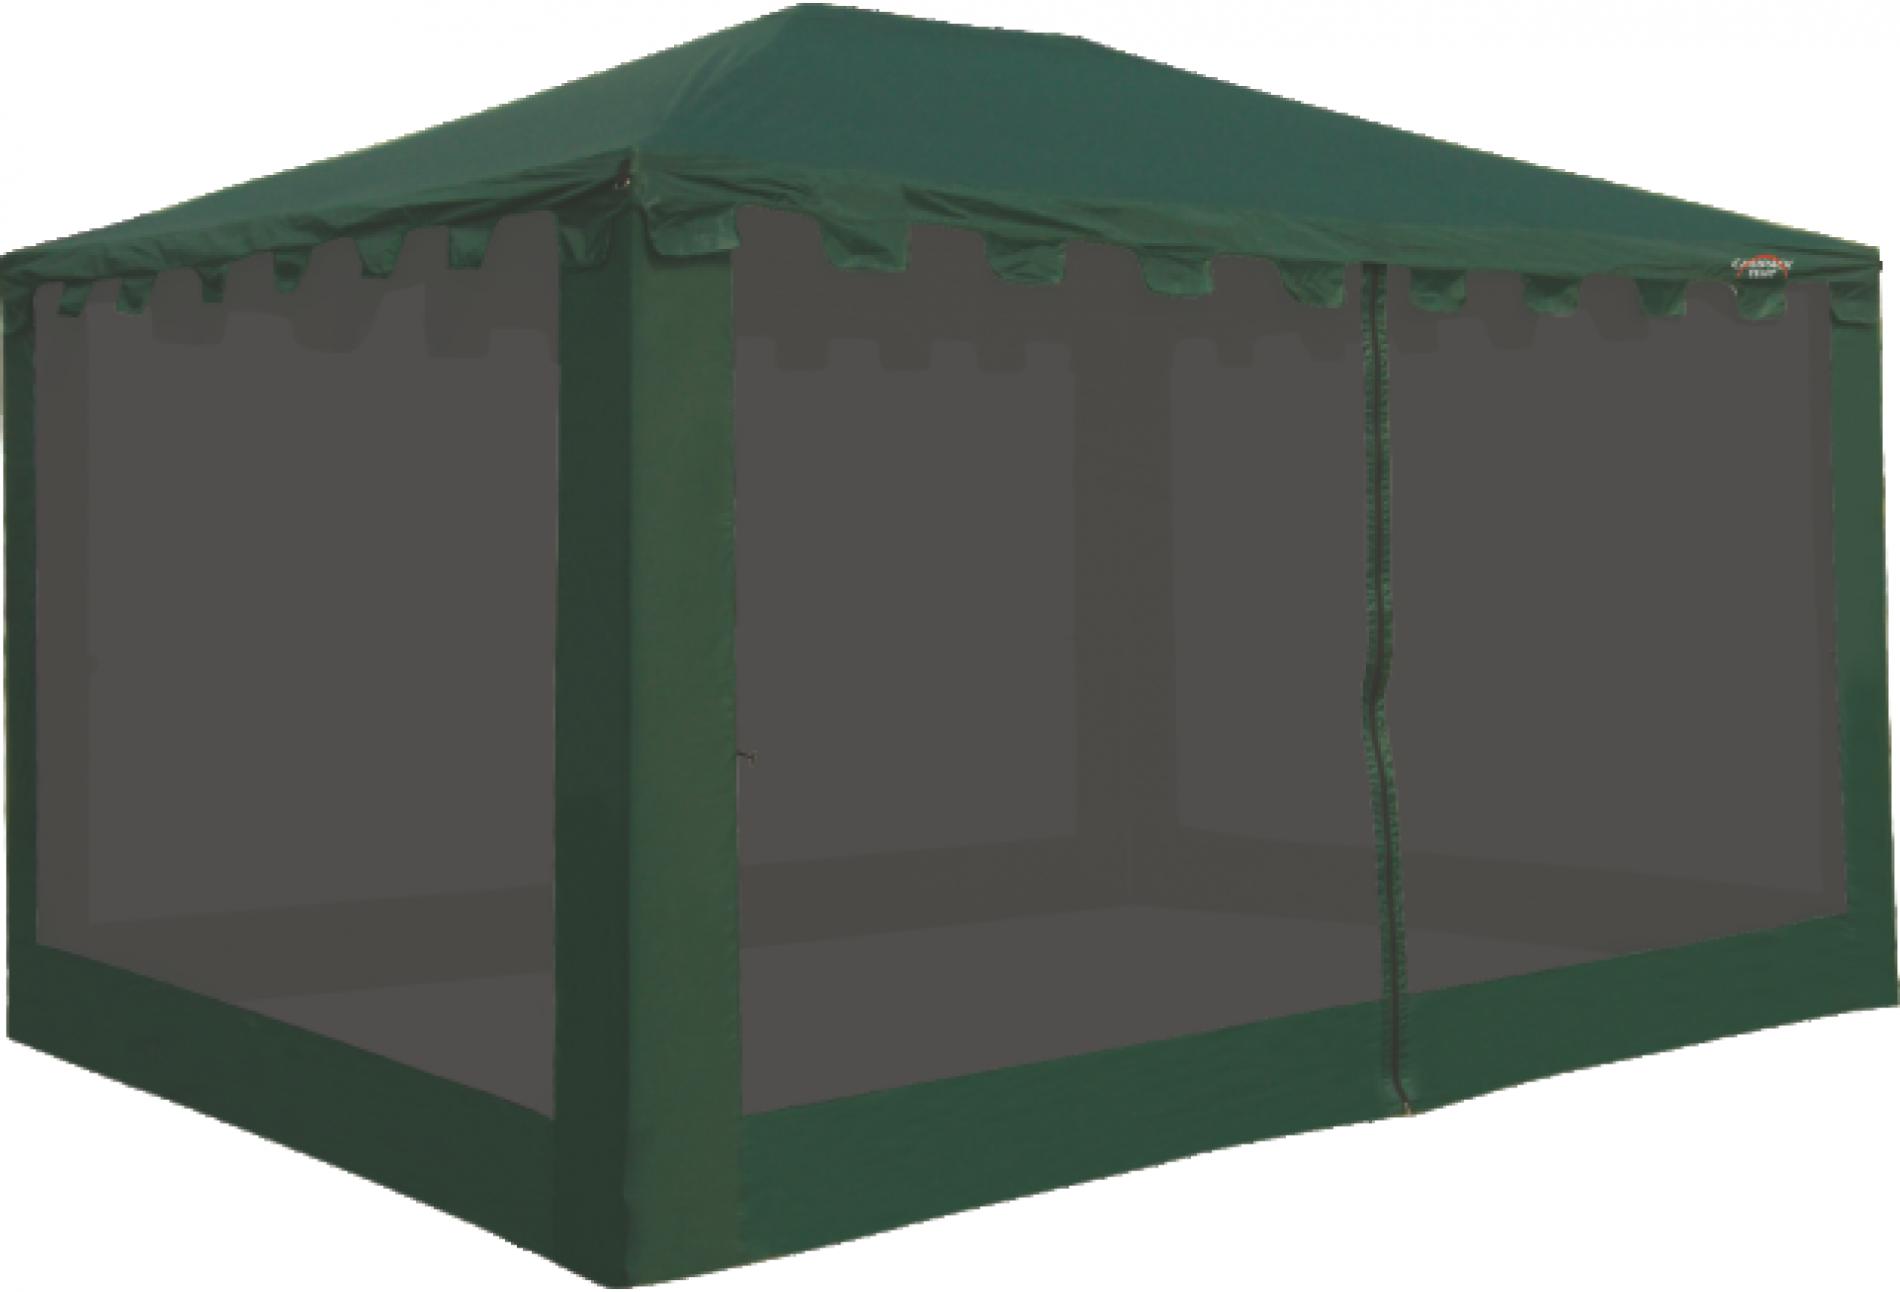 Тент CAMPACK-TENT G-3401Тенты<br>Самая большая модель в G-серии. 4 на 3 метра. <br>В 2013 году получила усиленный каркас из труб <br>с толщиной стенки 0,8 мм. Два входа обеспечивают <br>комфортное использование, москитная сетка <br>защищает от надоедливых насекомых. Ткань <br>тента: 190T P. Taffeta PU 3000MM Сетка: No-See-Um Mesh Стойки: <br>Сталь 25 мм, 19 мм, 16 мм<br>